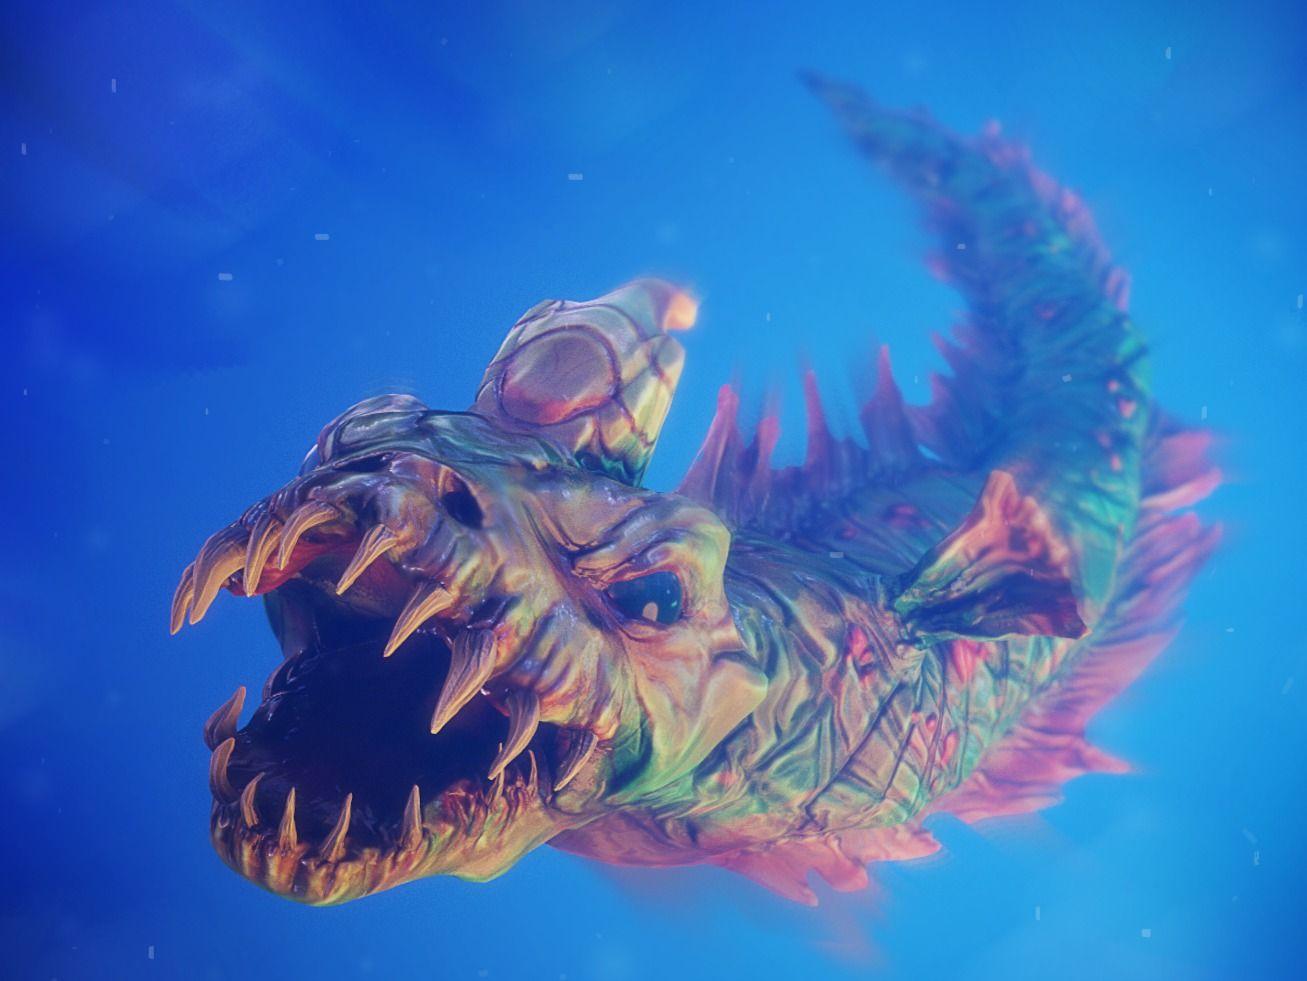 Cute fishy?